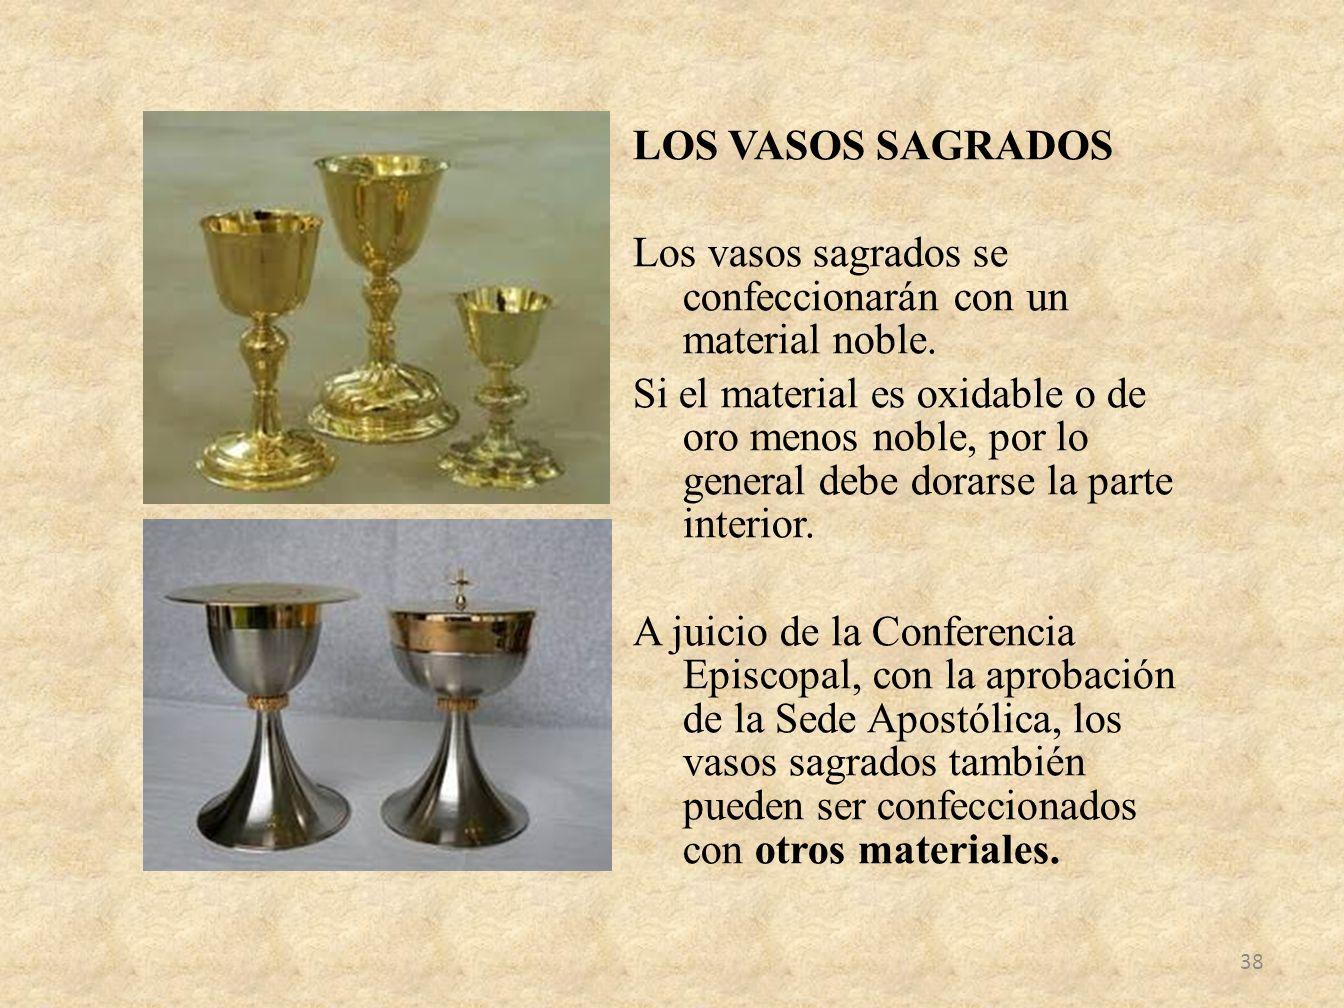 LOS VASOS SAGRADOS Los vasos sagrados se confeccionarán con un material noble.